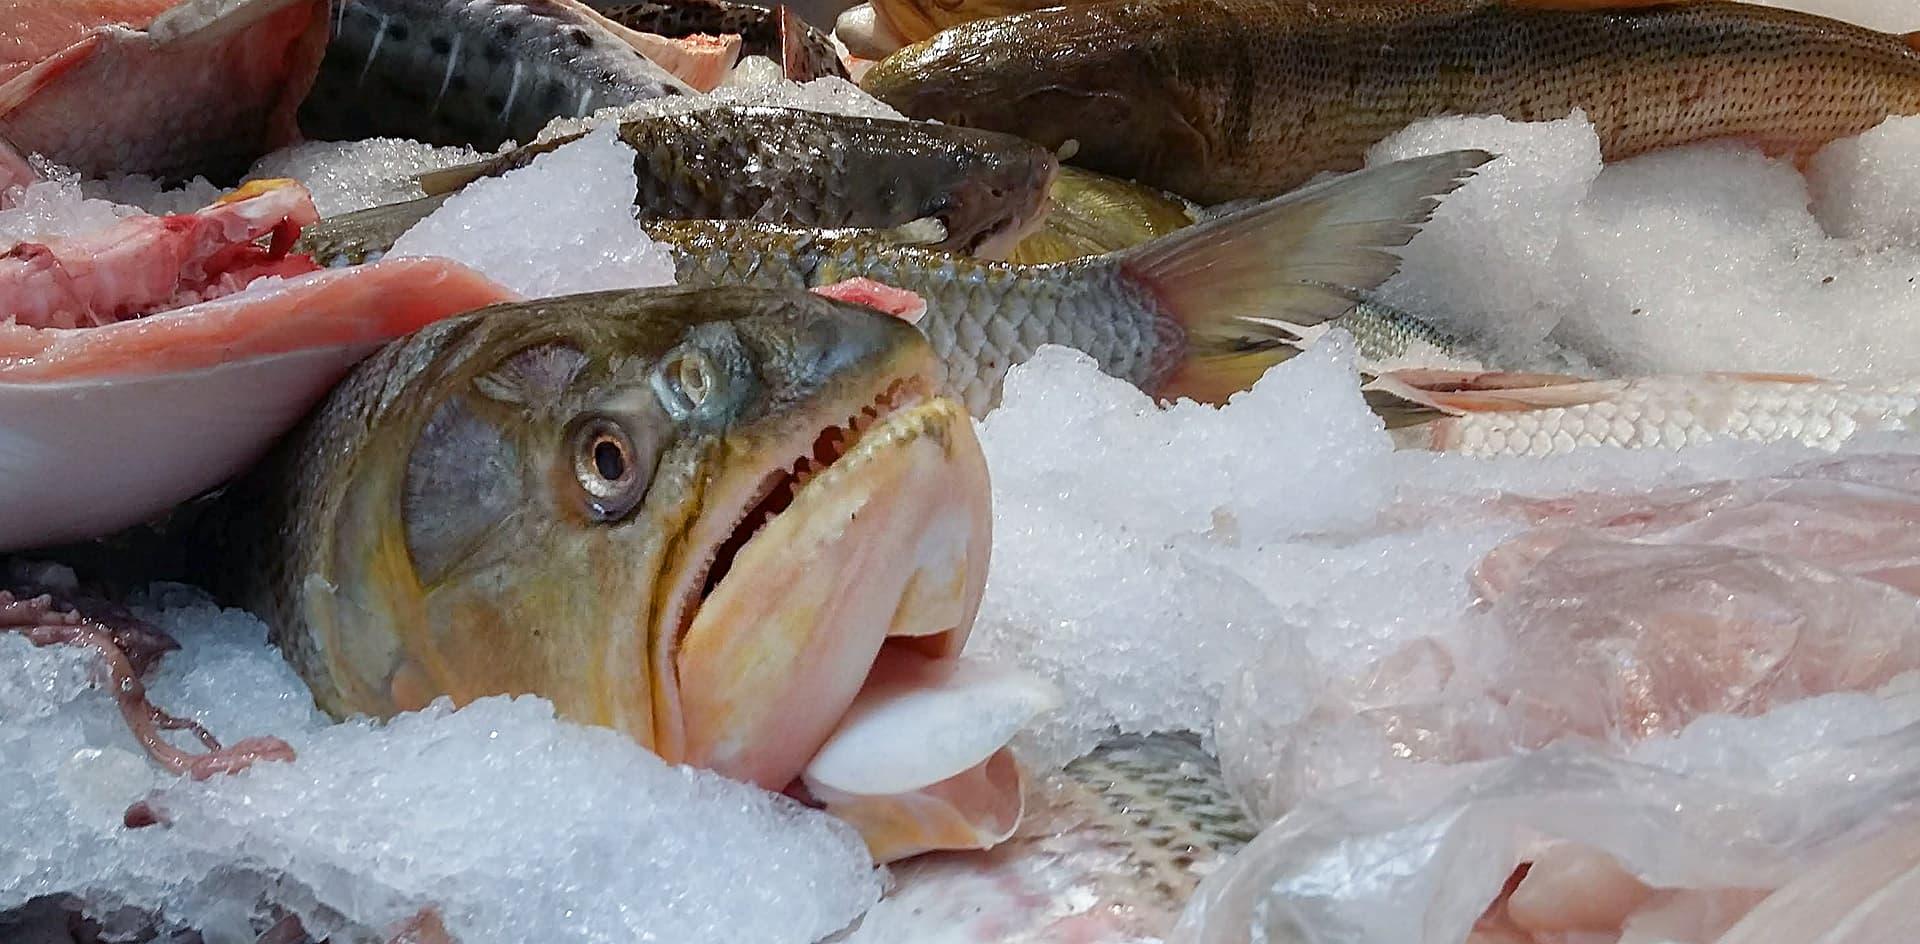 Hallan un cóctel de antibióticos en peces que se venden para consumo en Córdoba